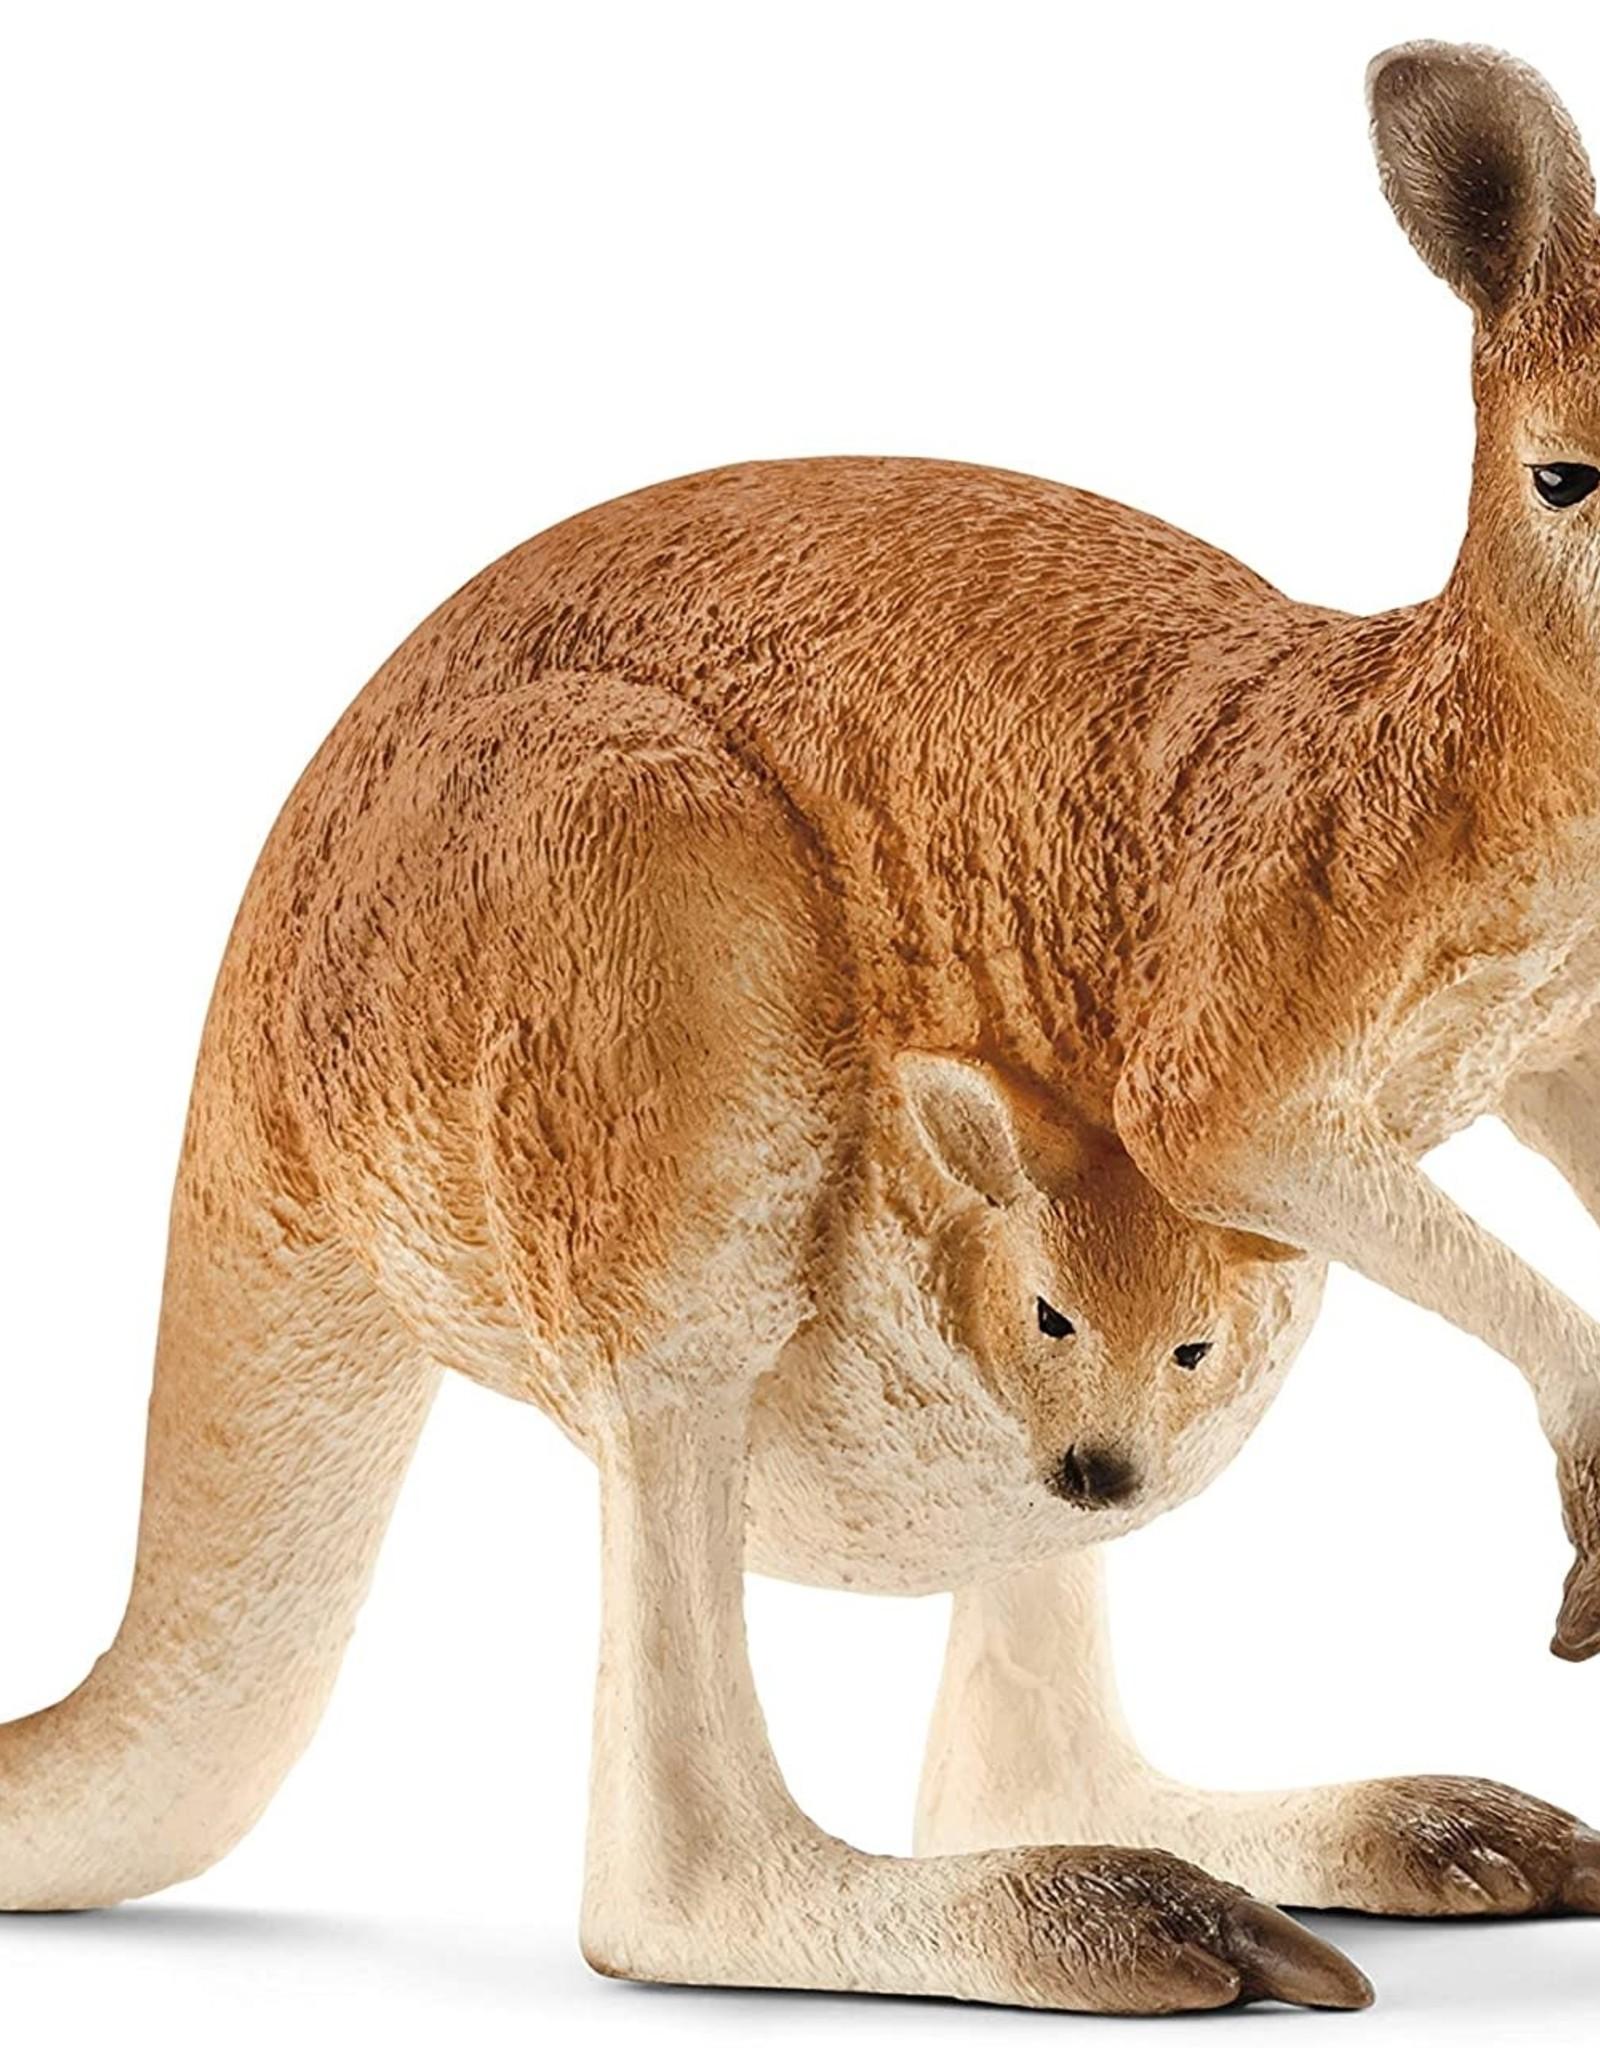 Schleich Schleich Wild Life - Kangaroo